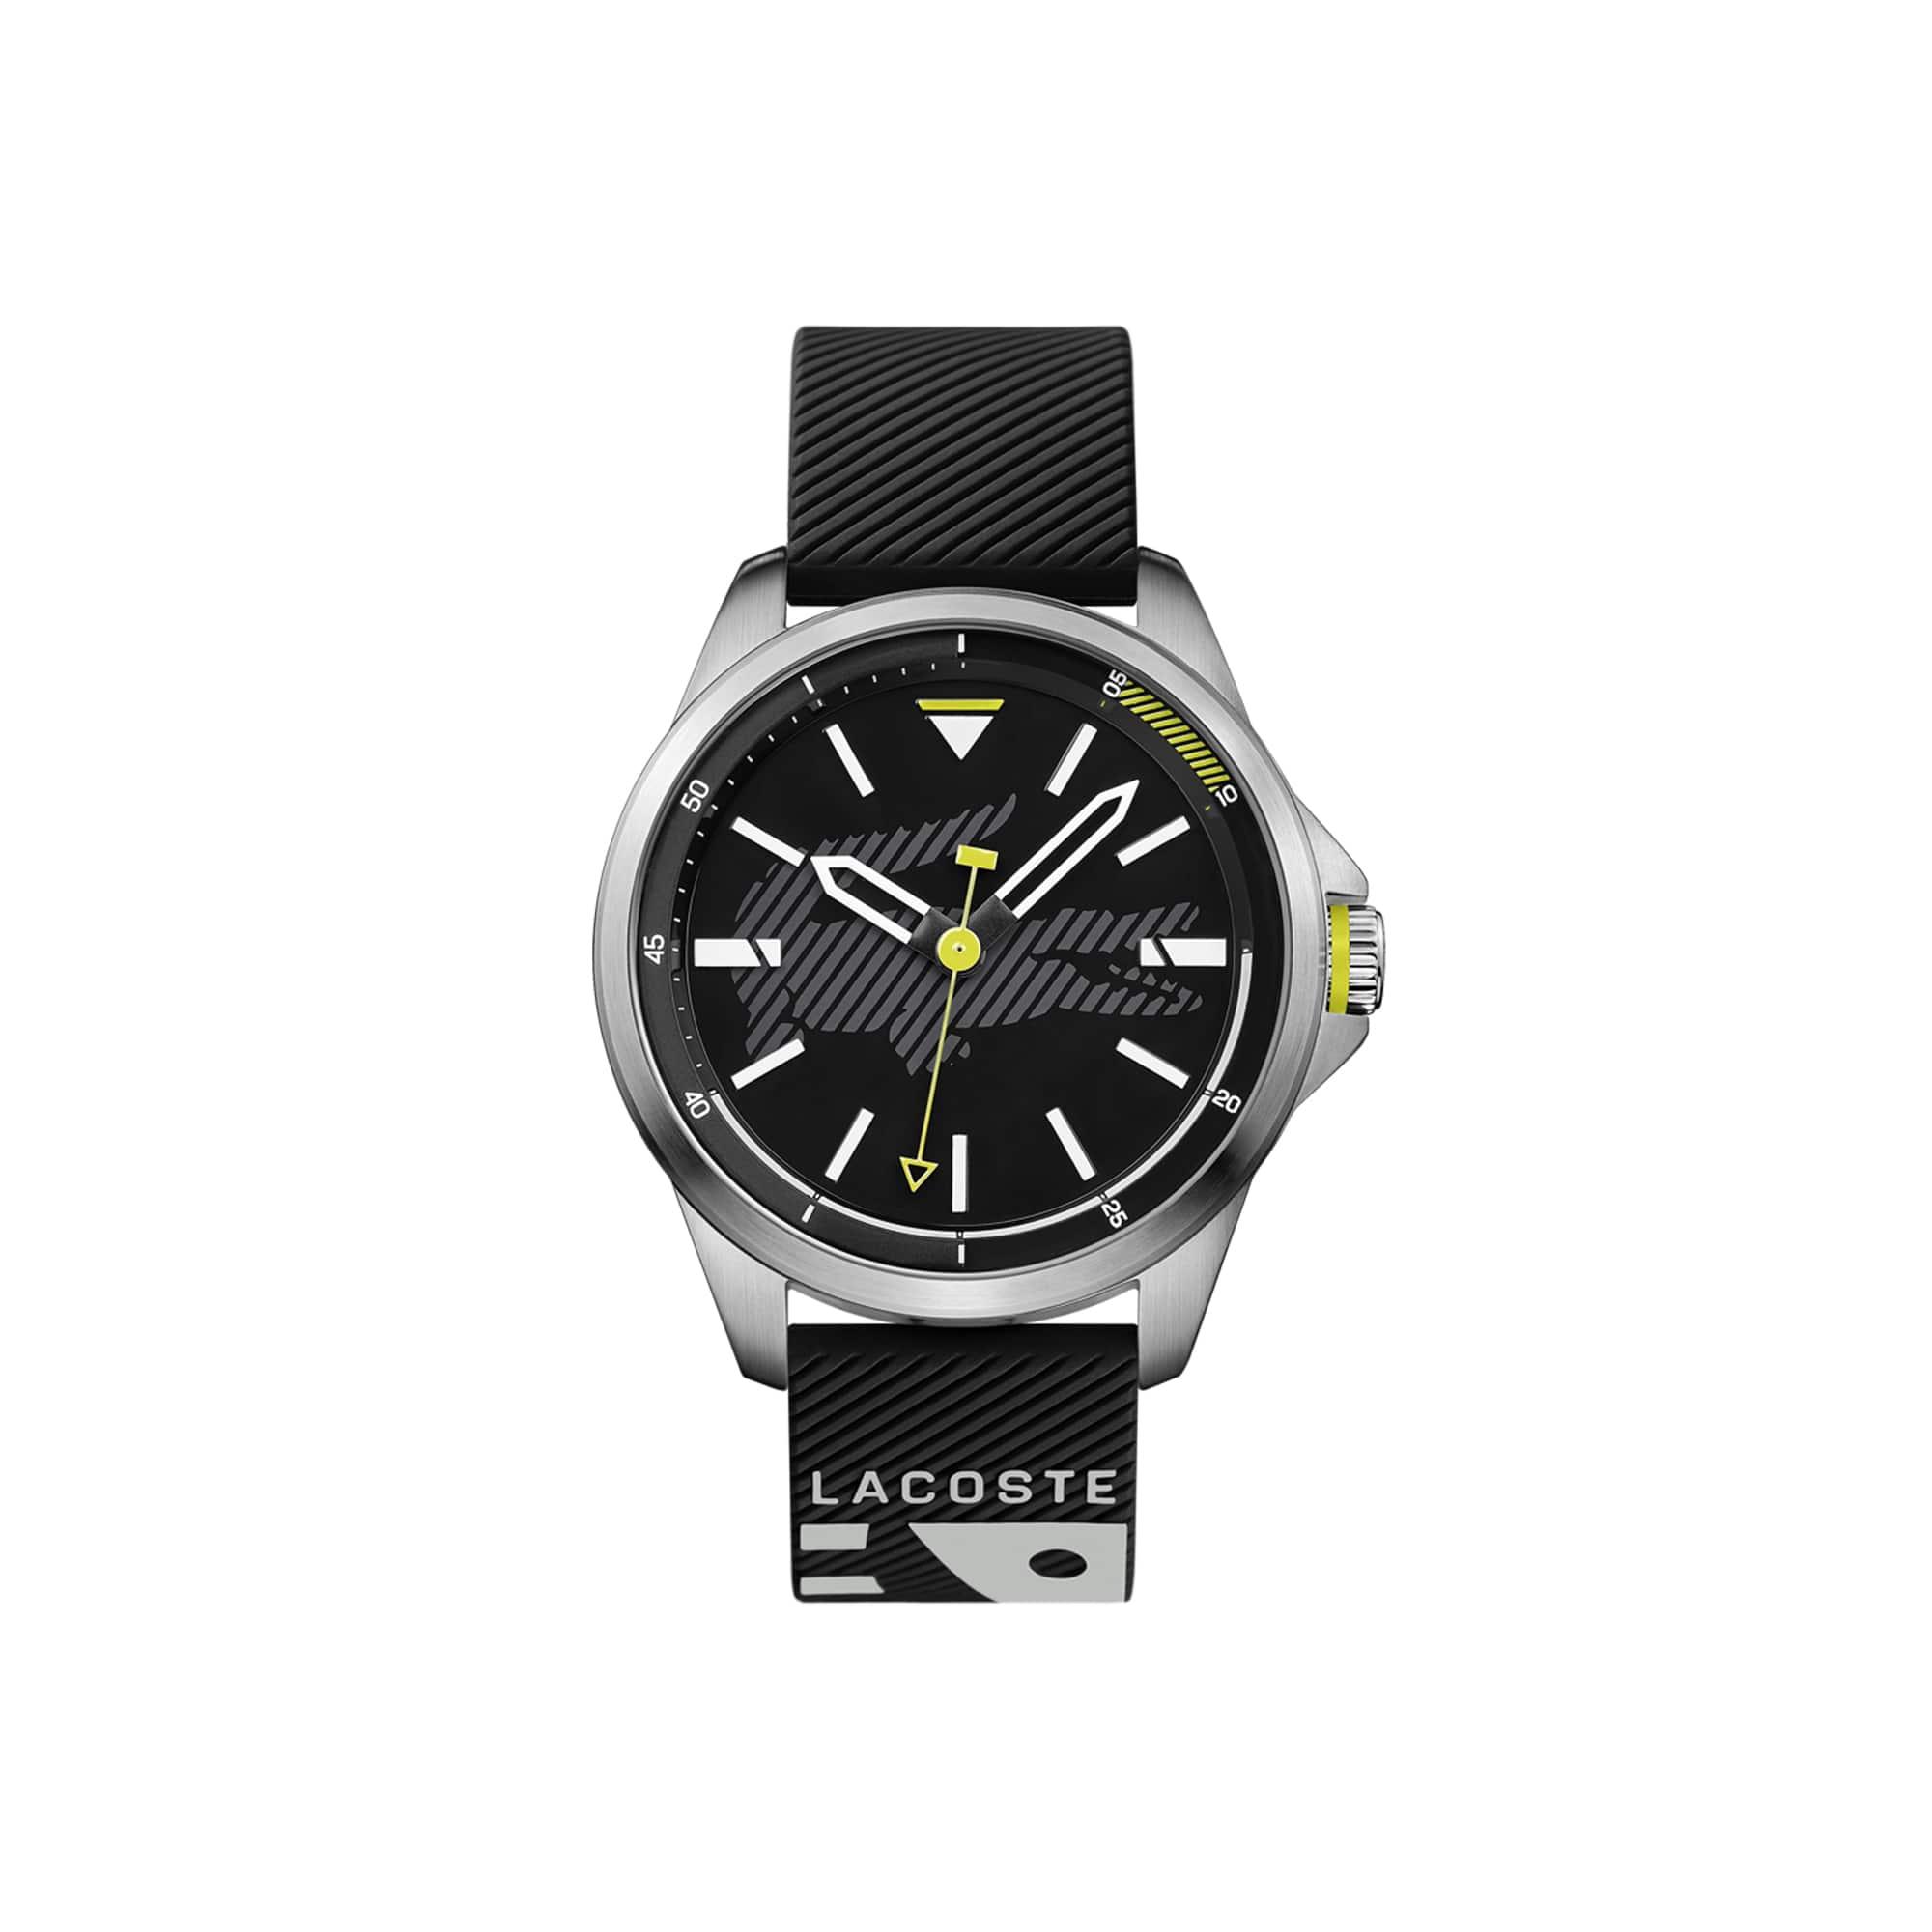 Relógio Capbreton com bracelete em silicone preto